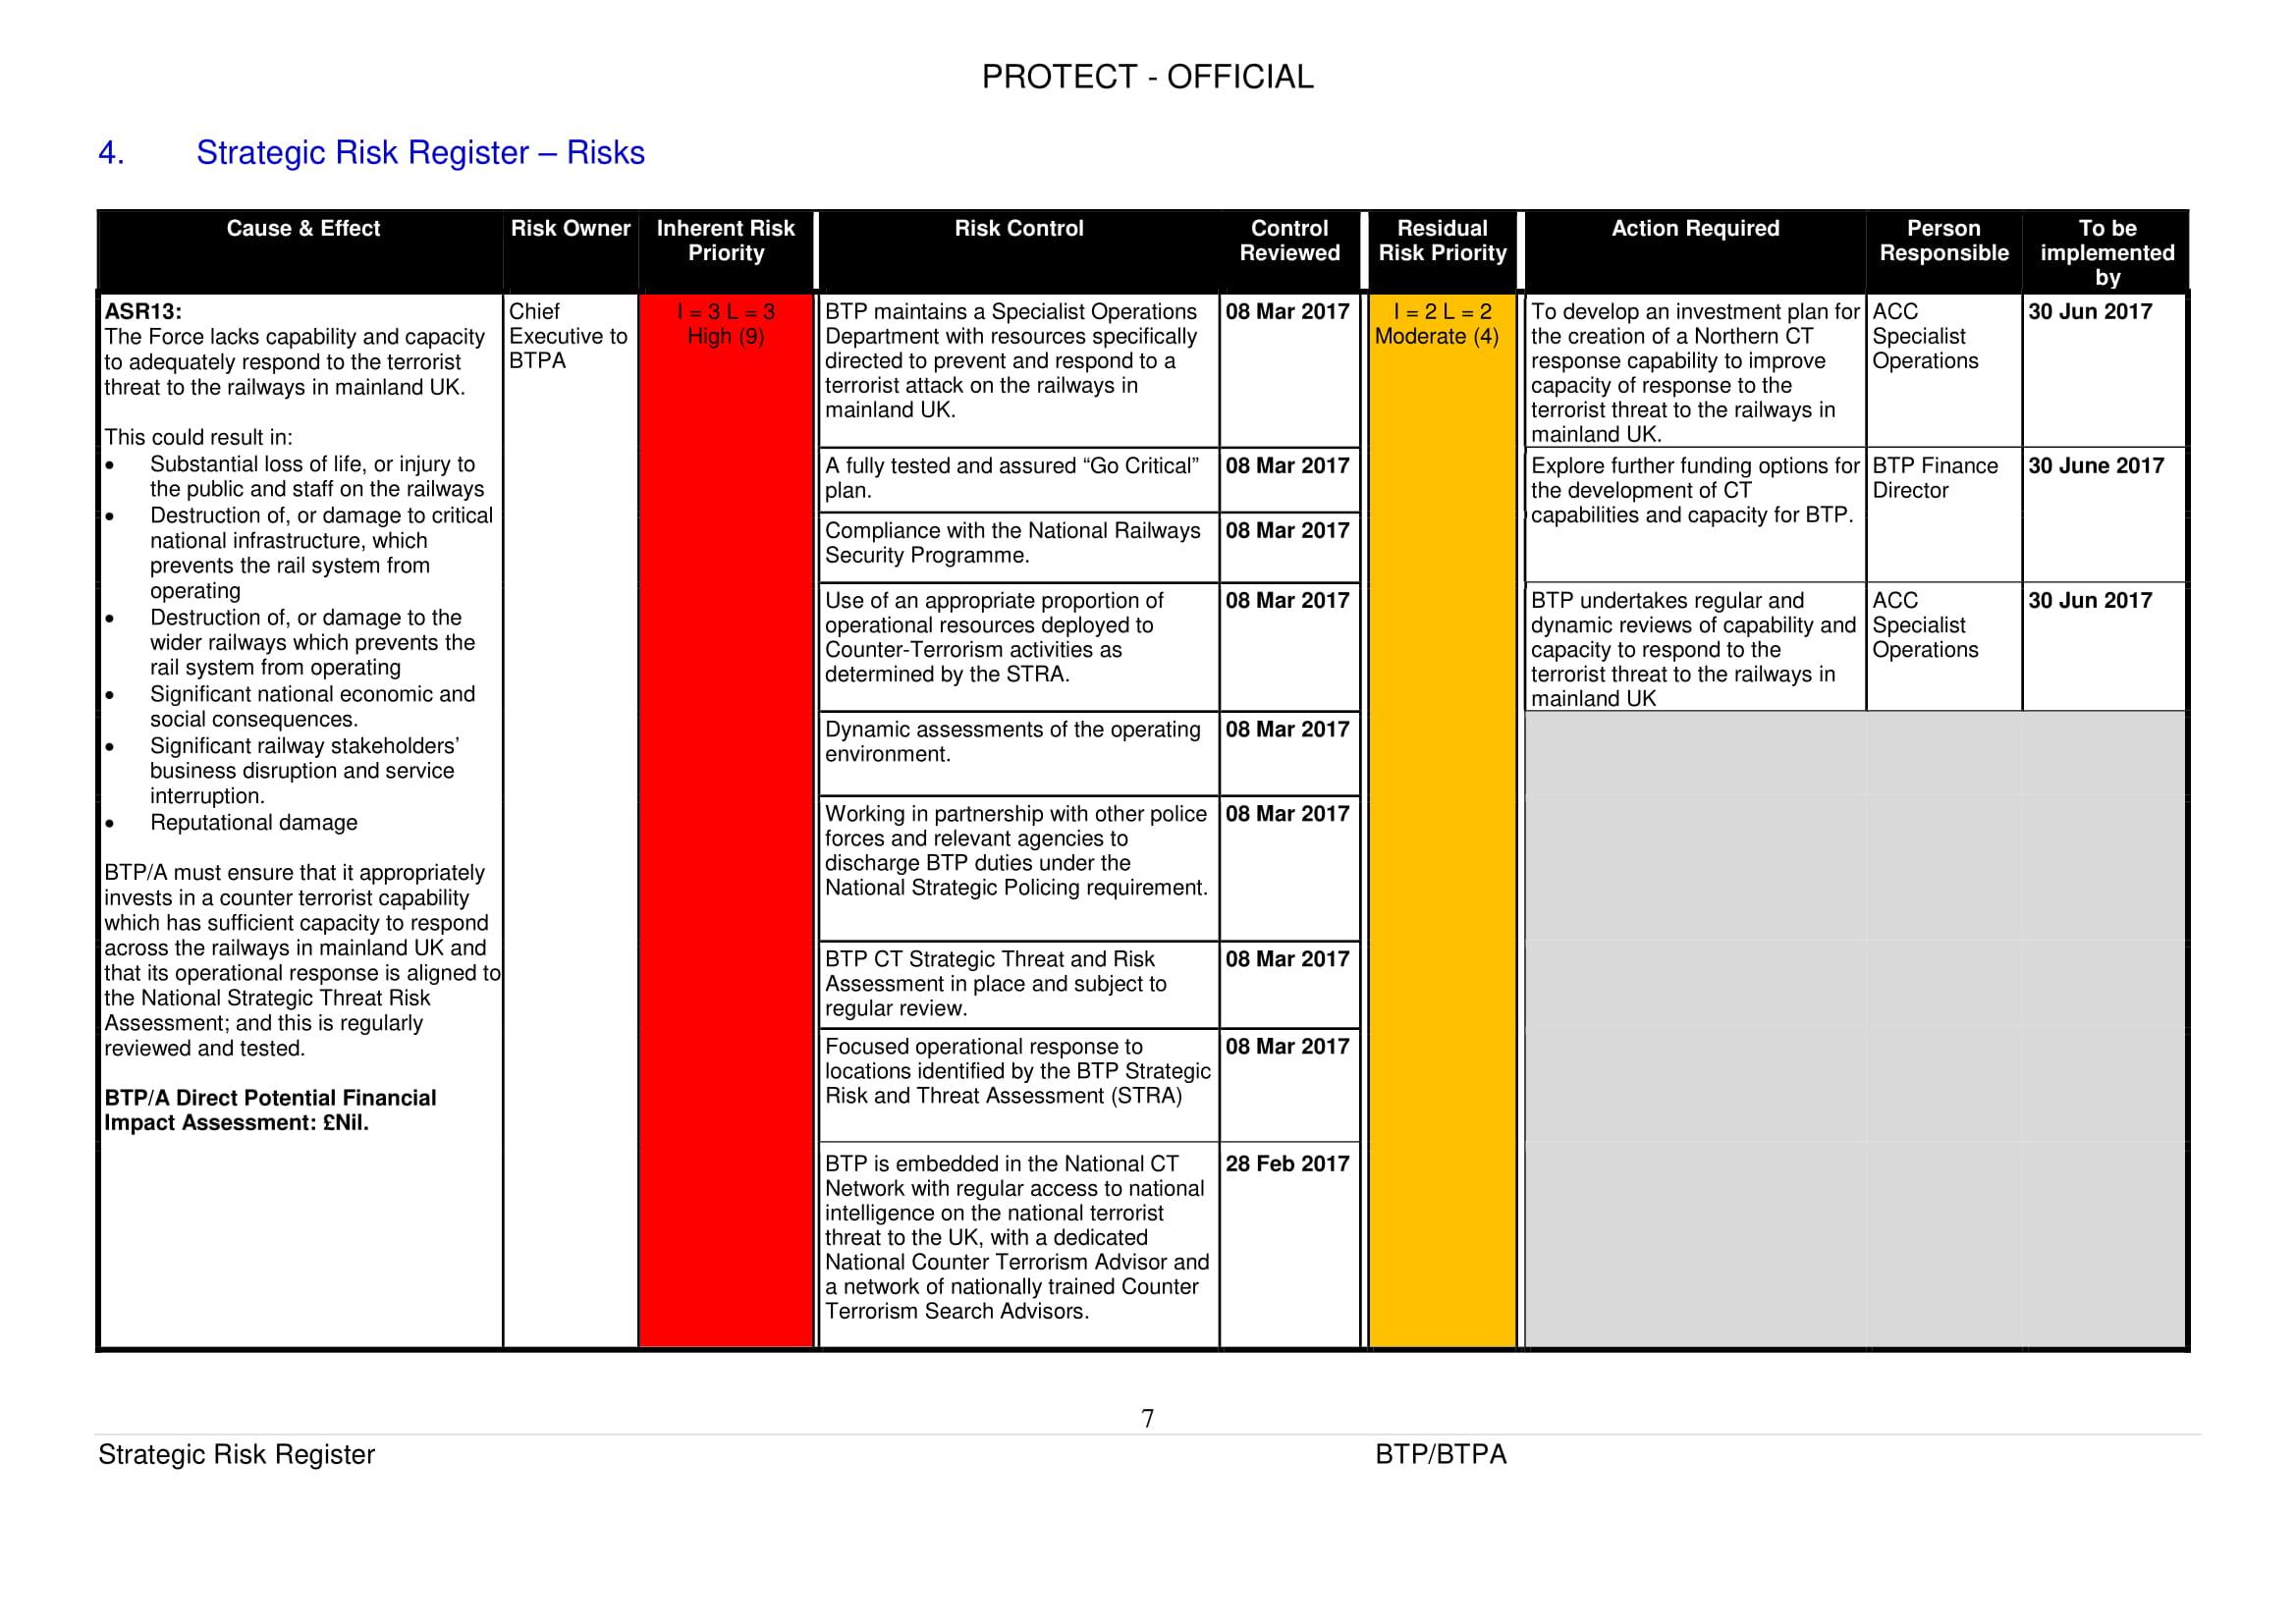 joint strategic risk register example